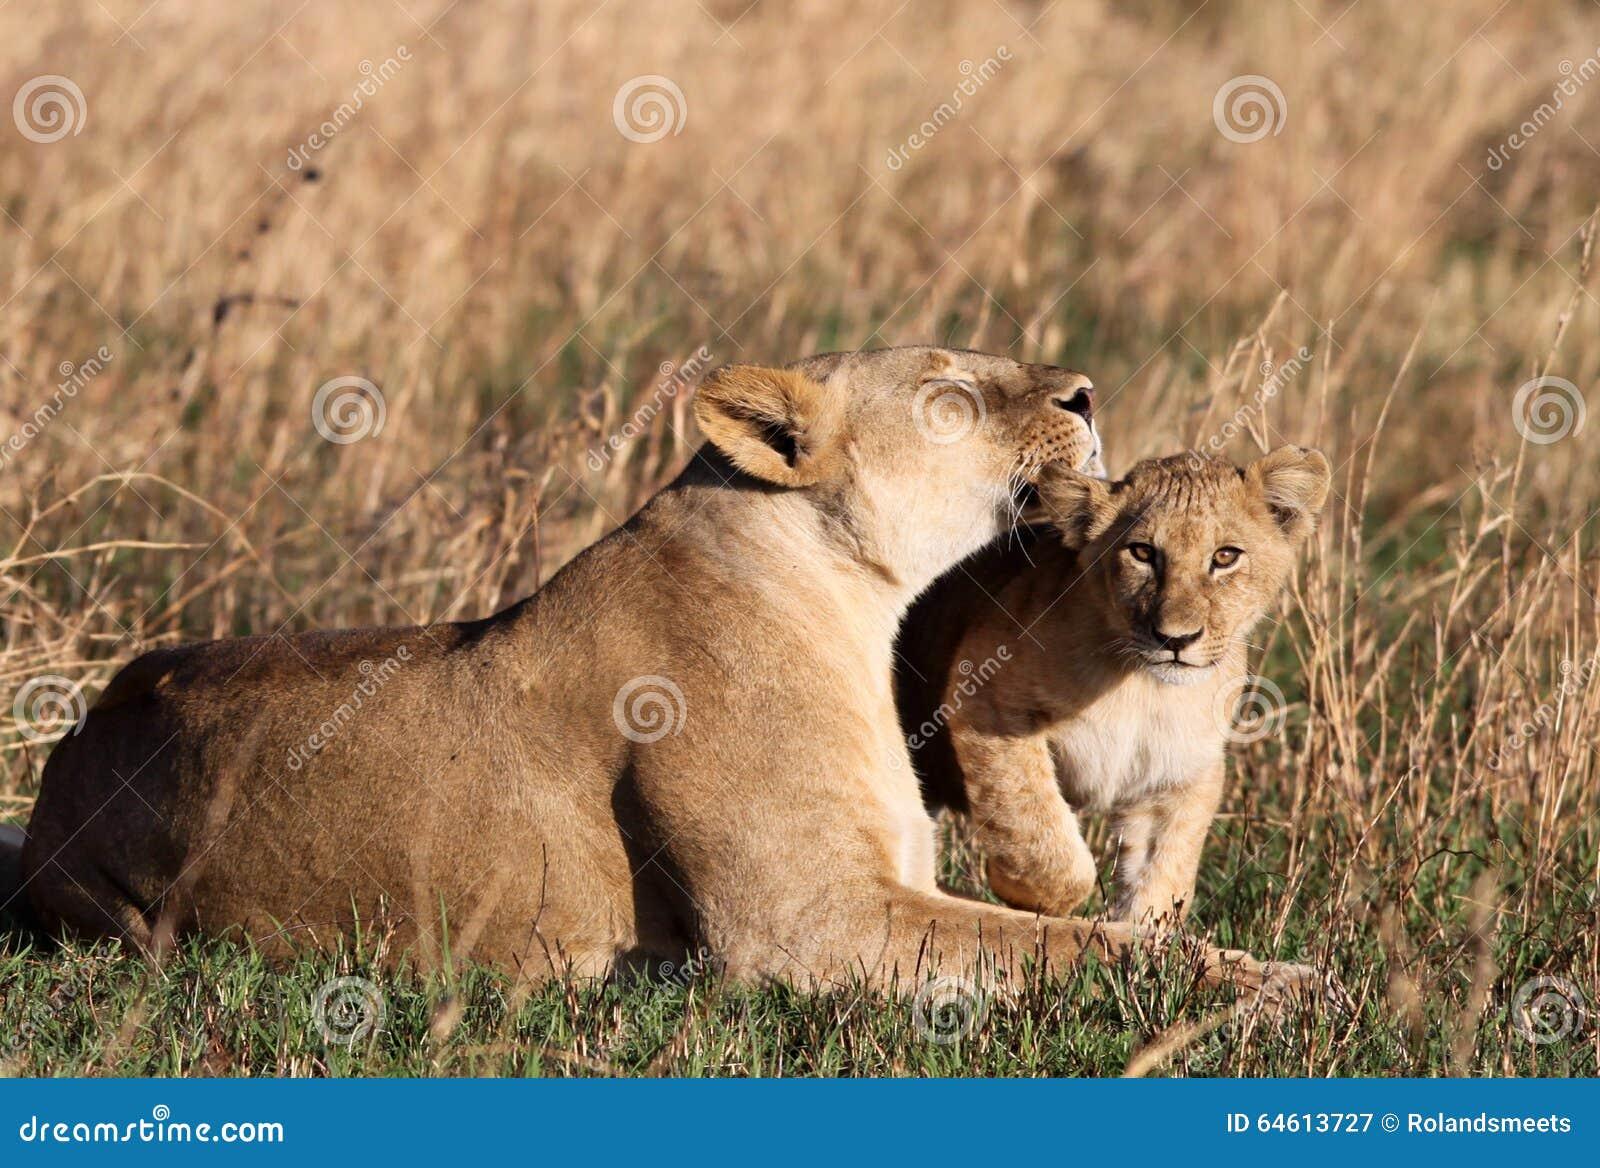 Lion loves Cub